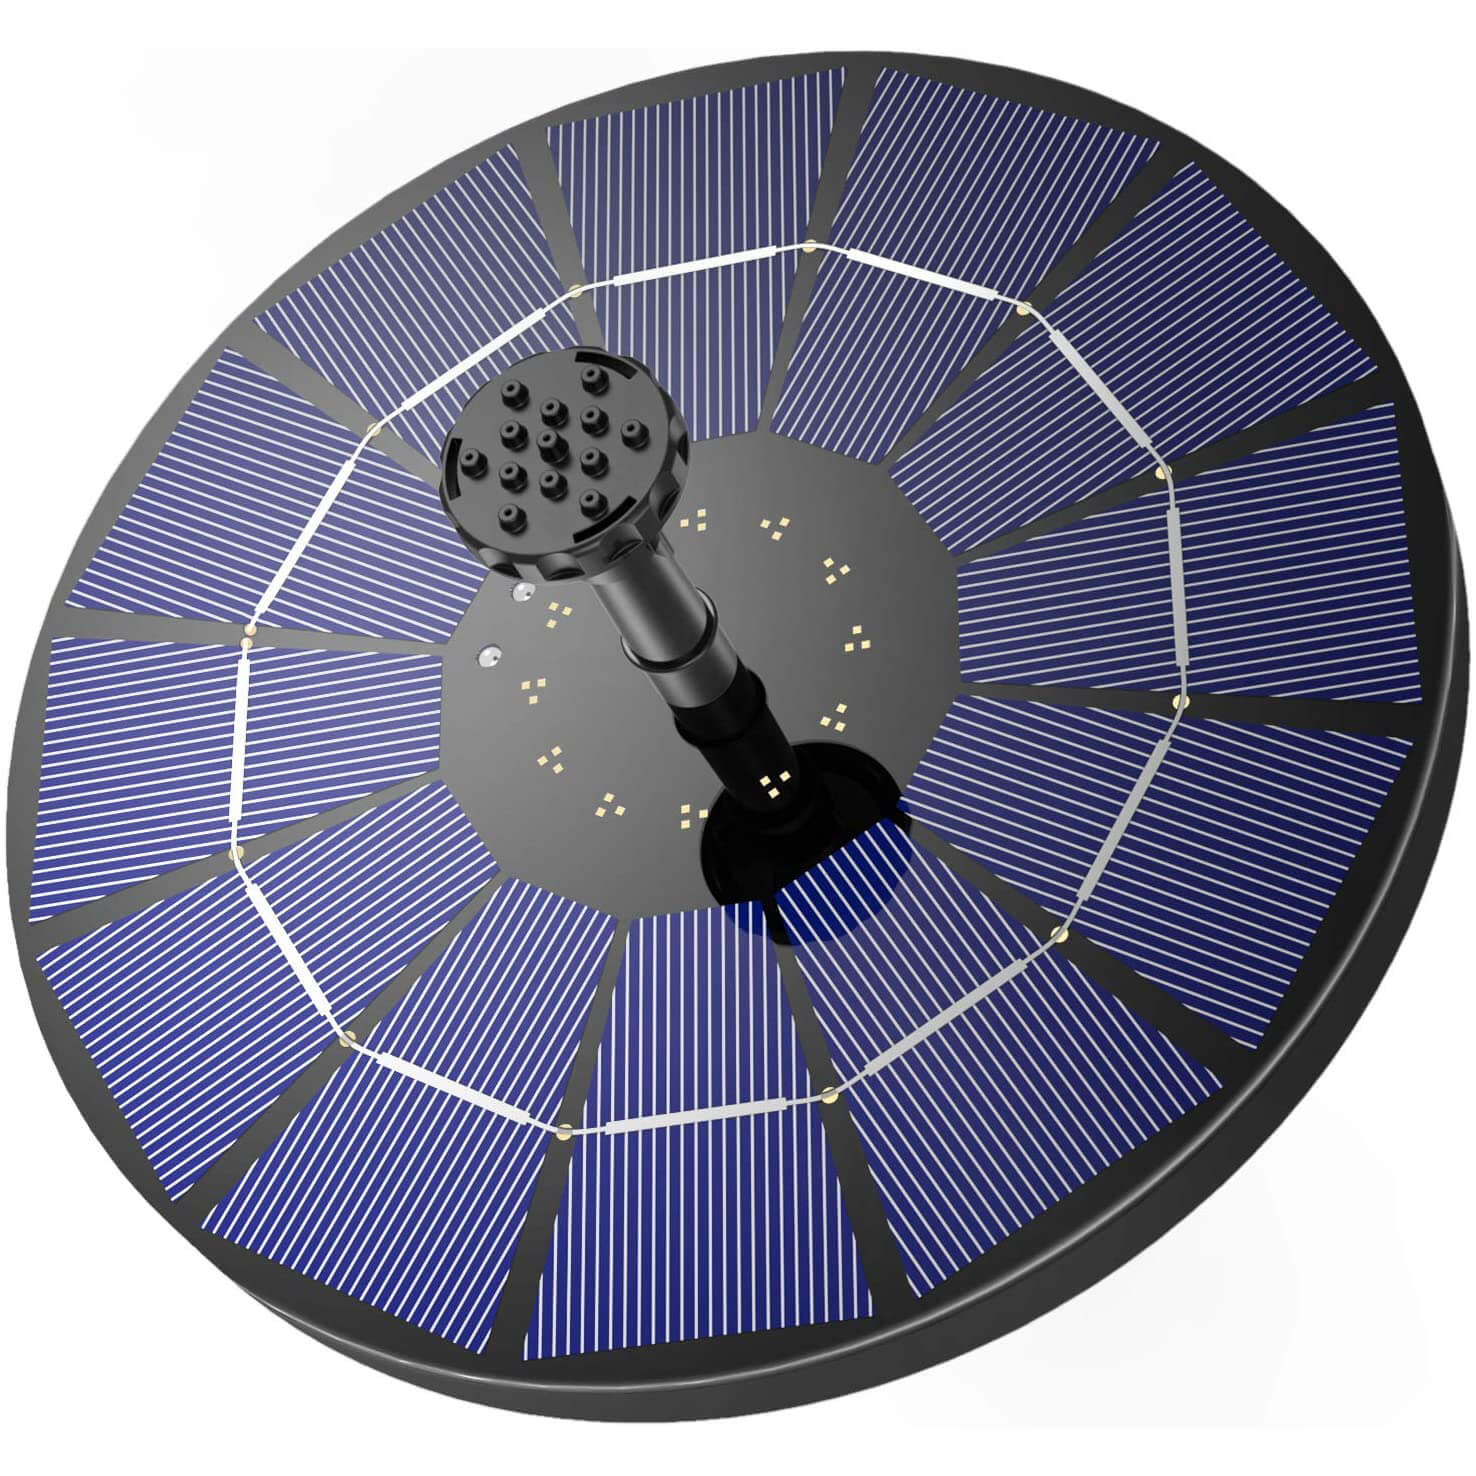 AISITIN 3.5W Solar Fountain Pump